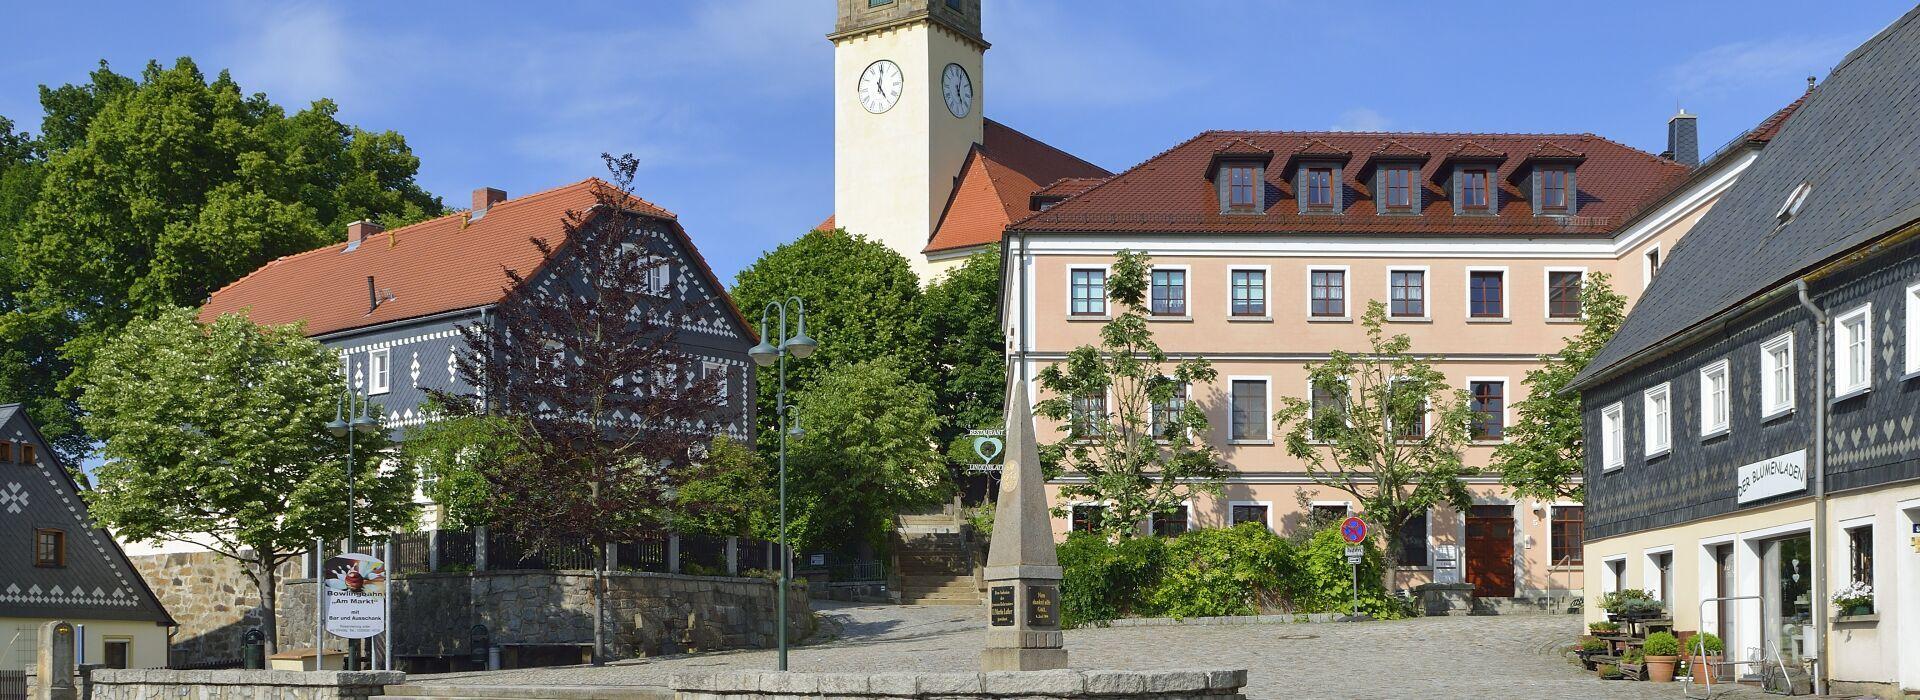 Marktplatz Sohland a.d. Spree Foto: Karin Jähne